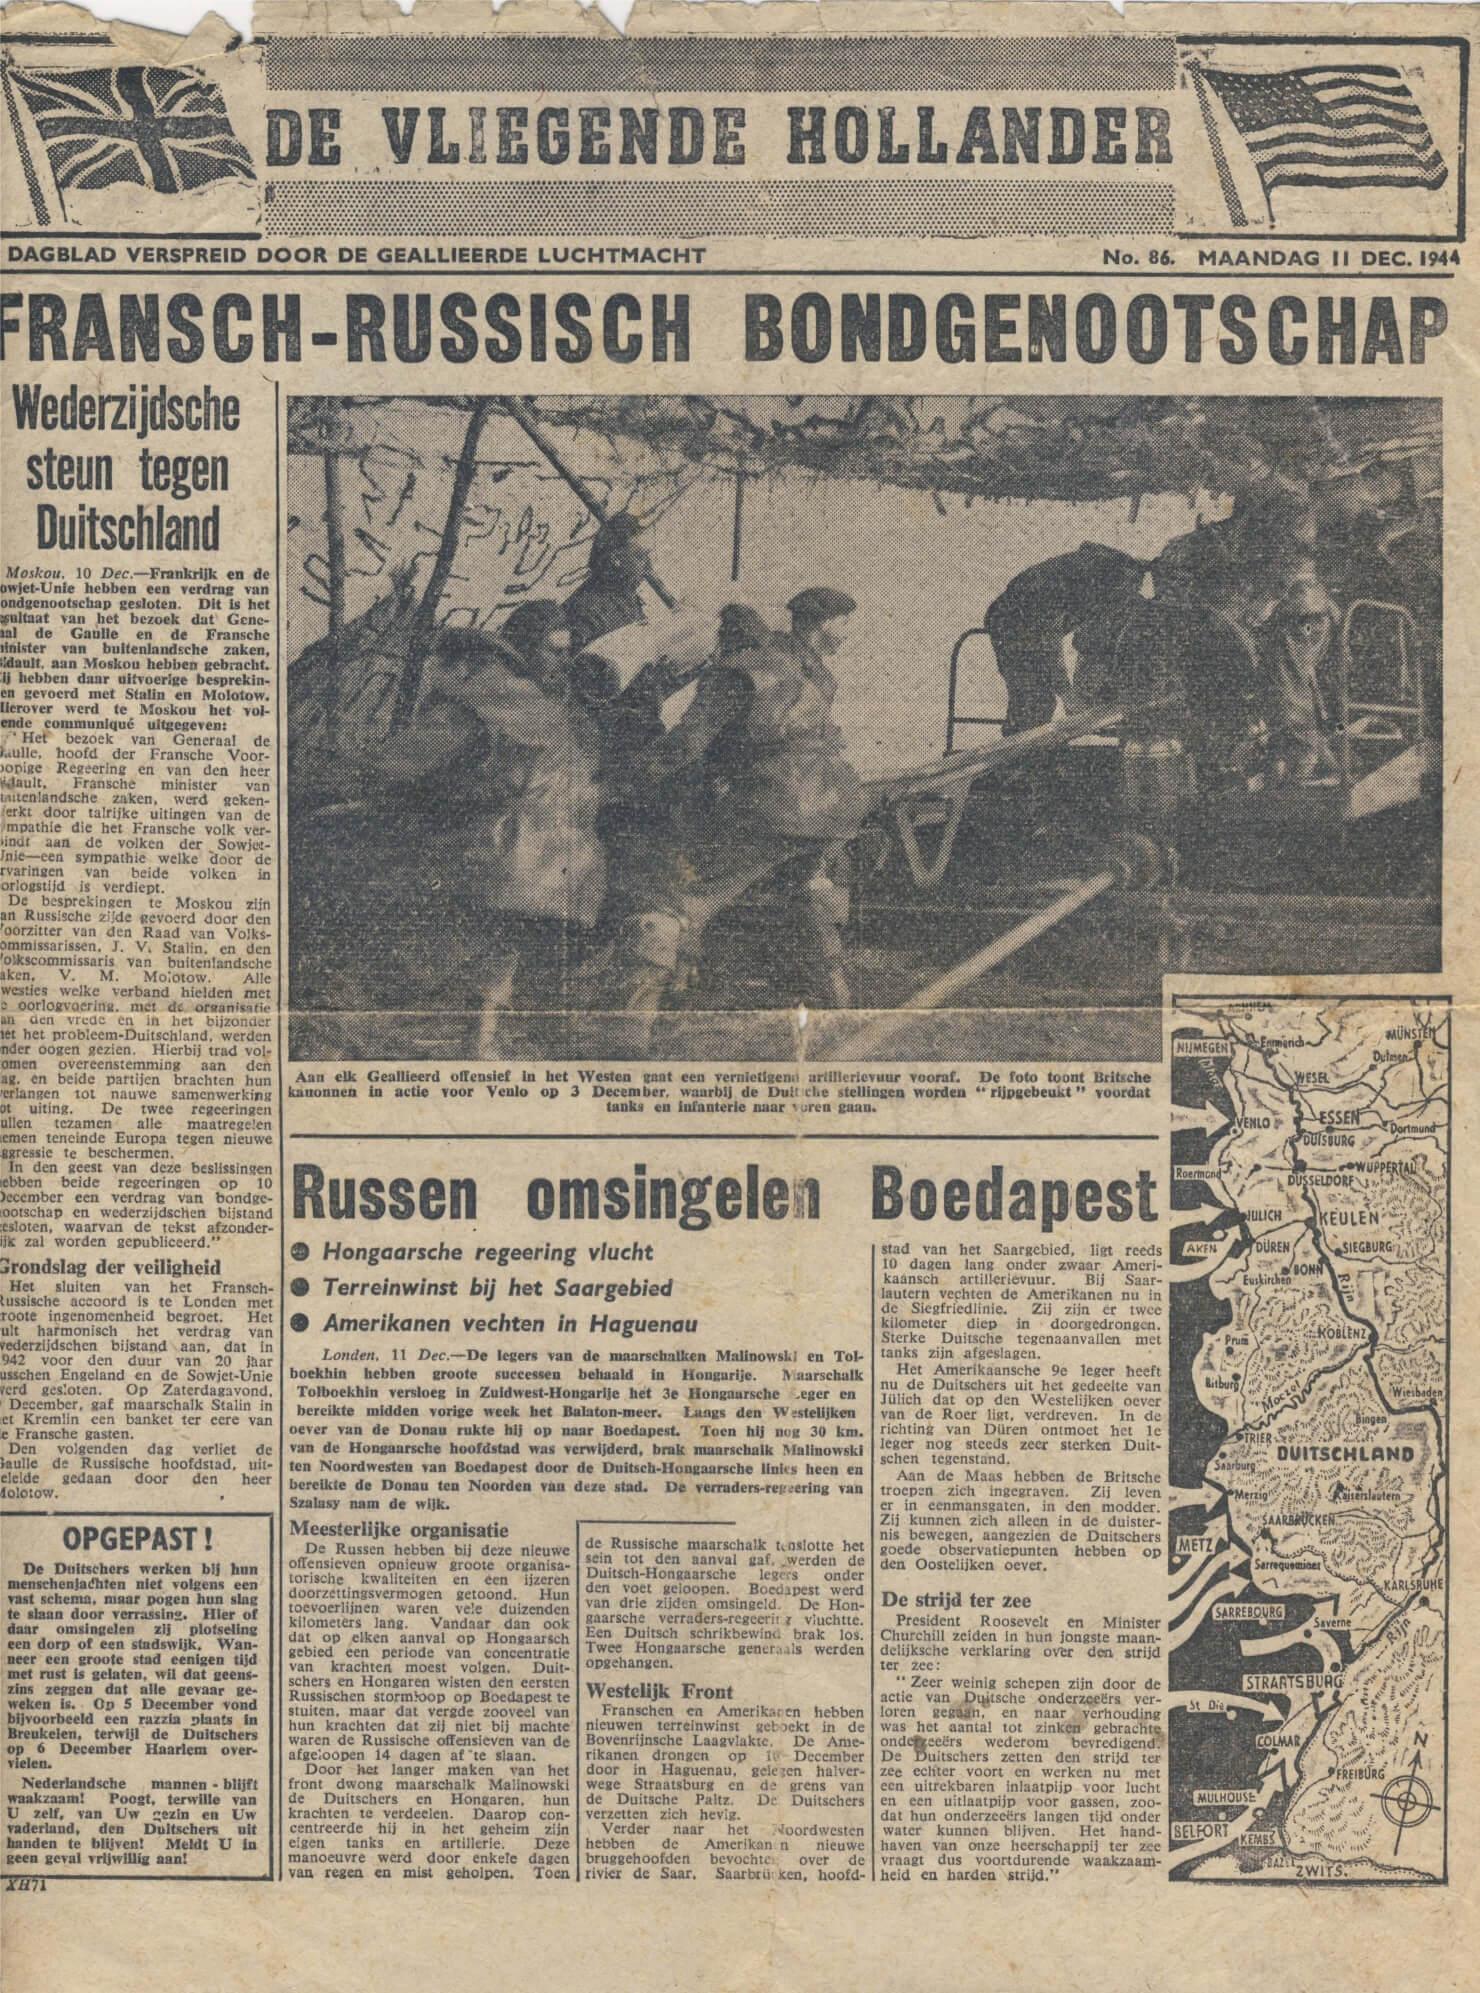 De vliegende Hollander 86 wo2 de tweede wereldoorlog